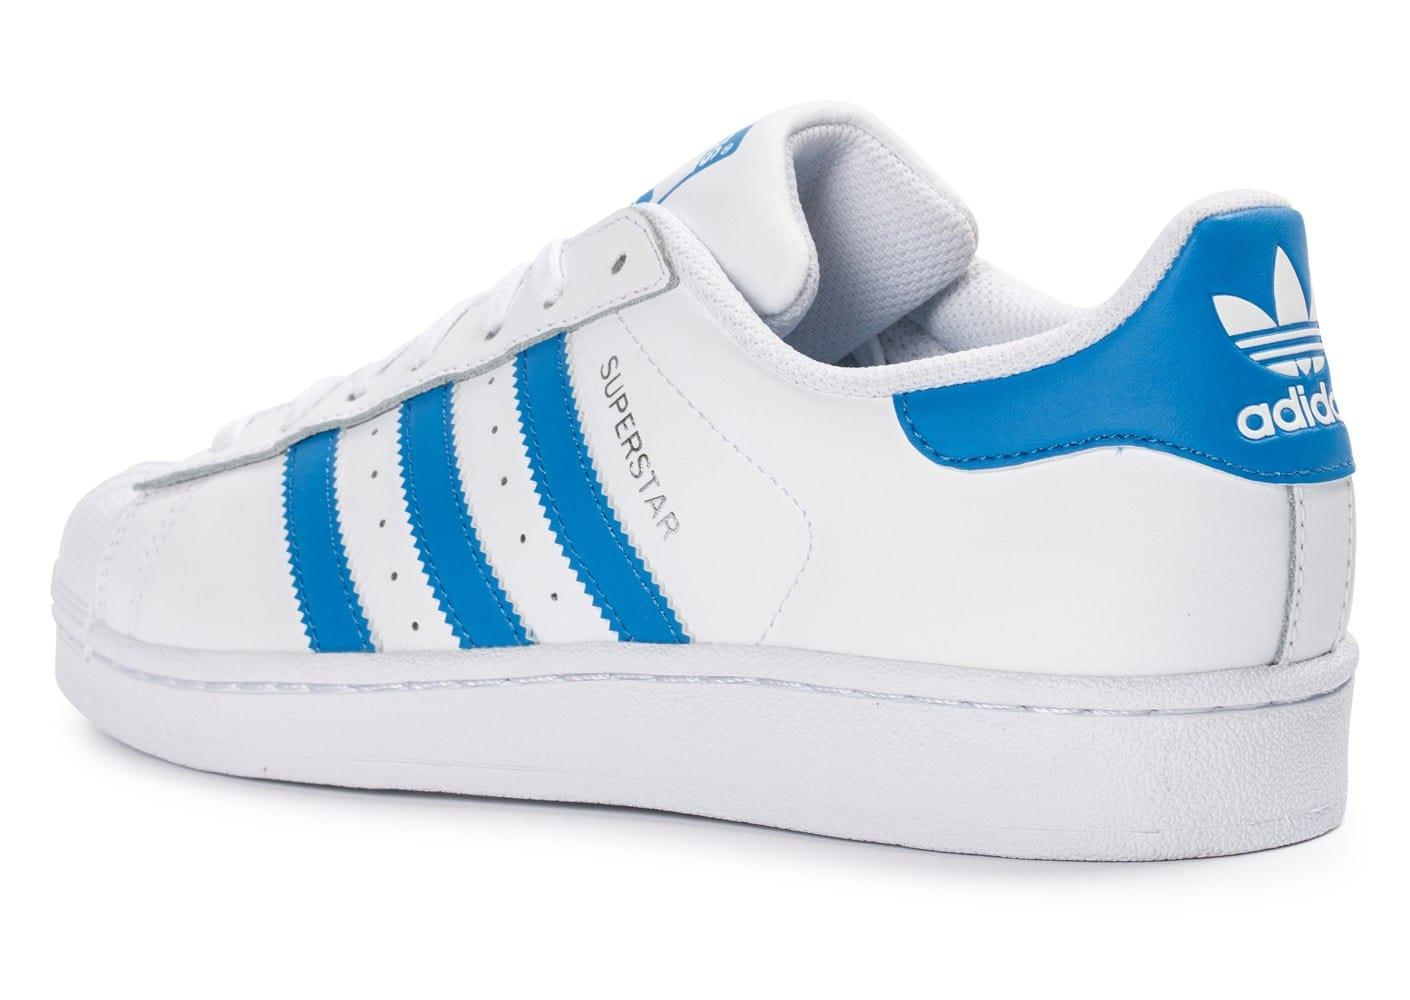 économiser 02d5b a1b1d adidas superstar bleu et blanche